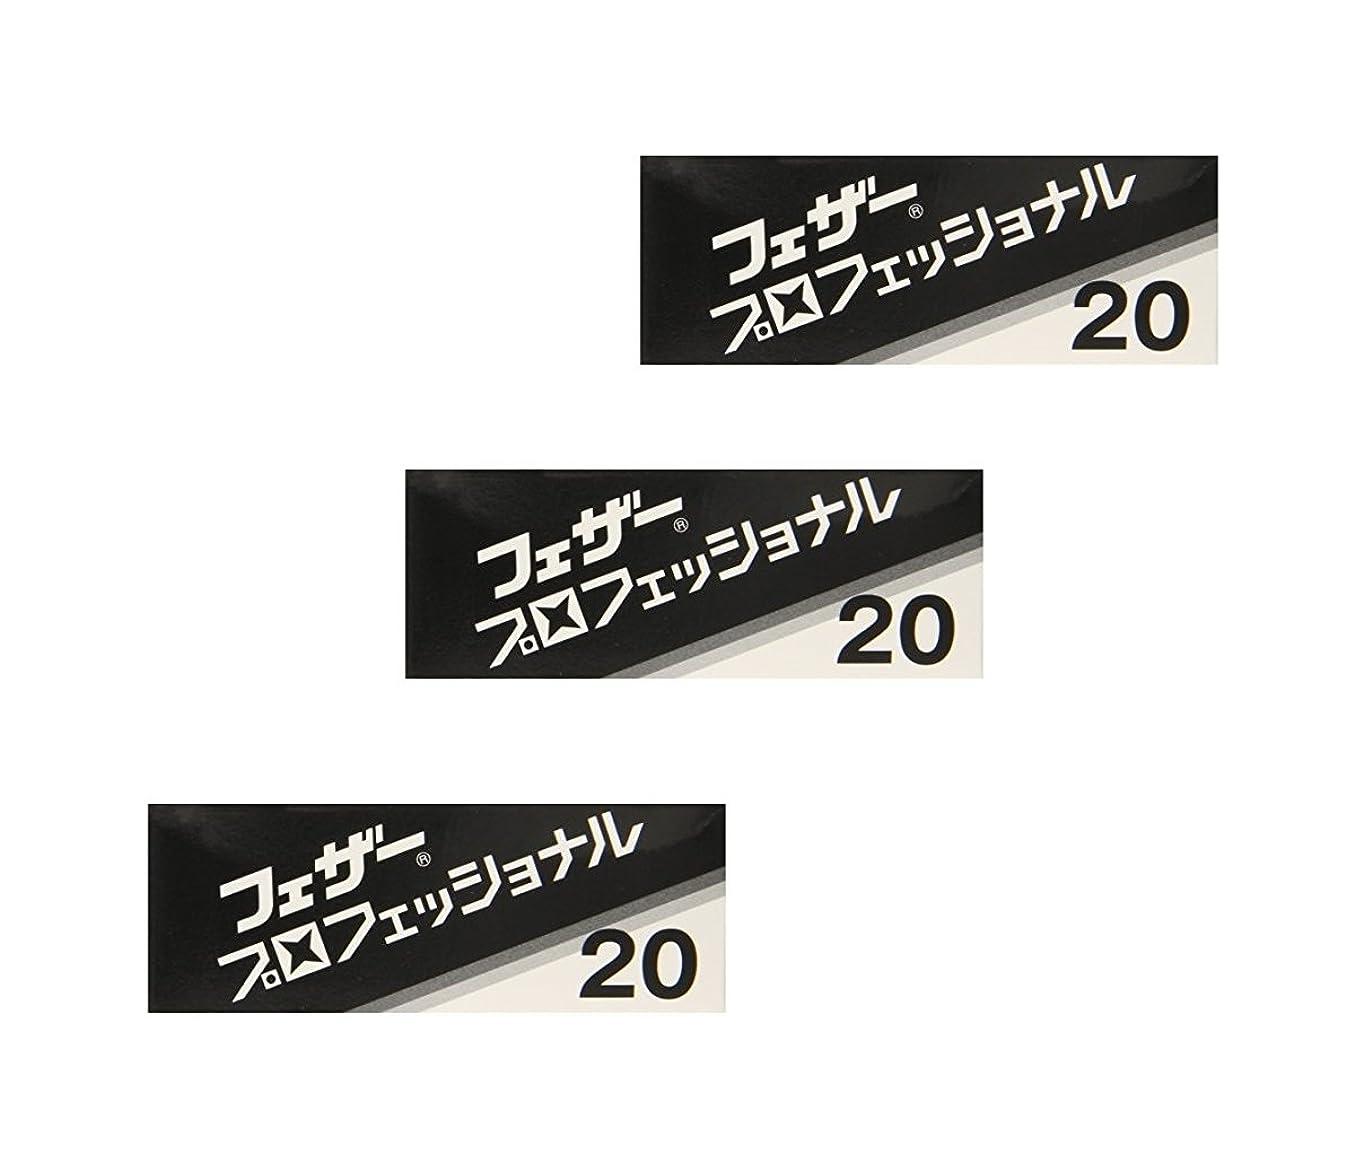 入場料懐症状【3個セット】 フェザー プロフェッショナルブレイド 20枚入 PB-20